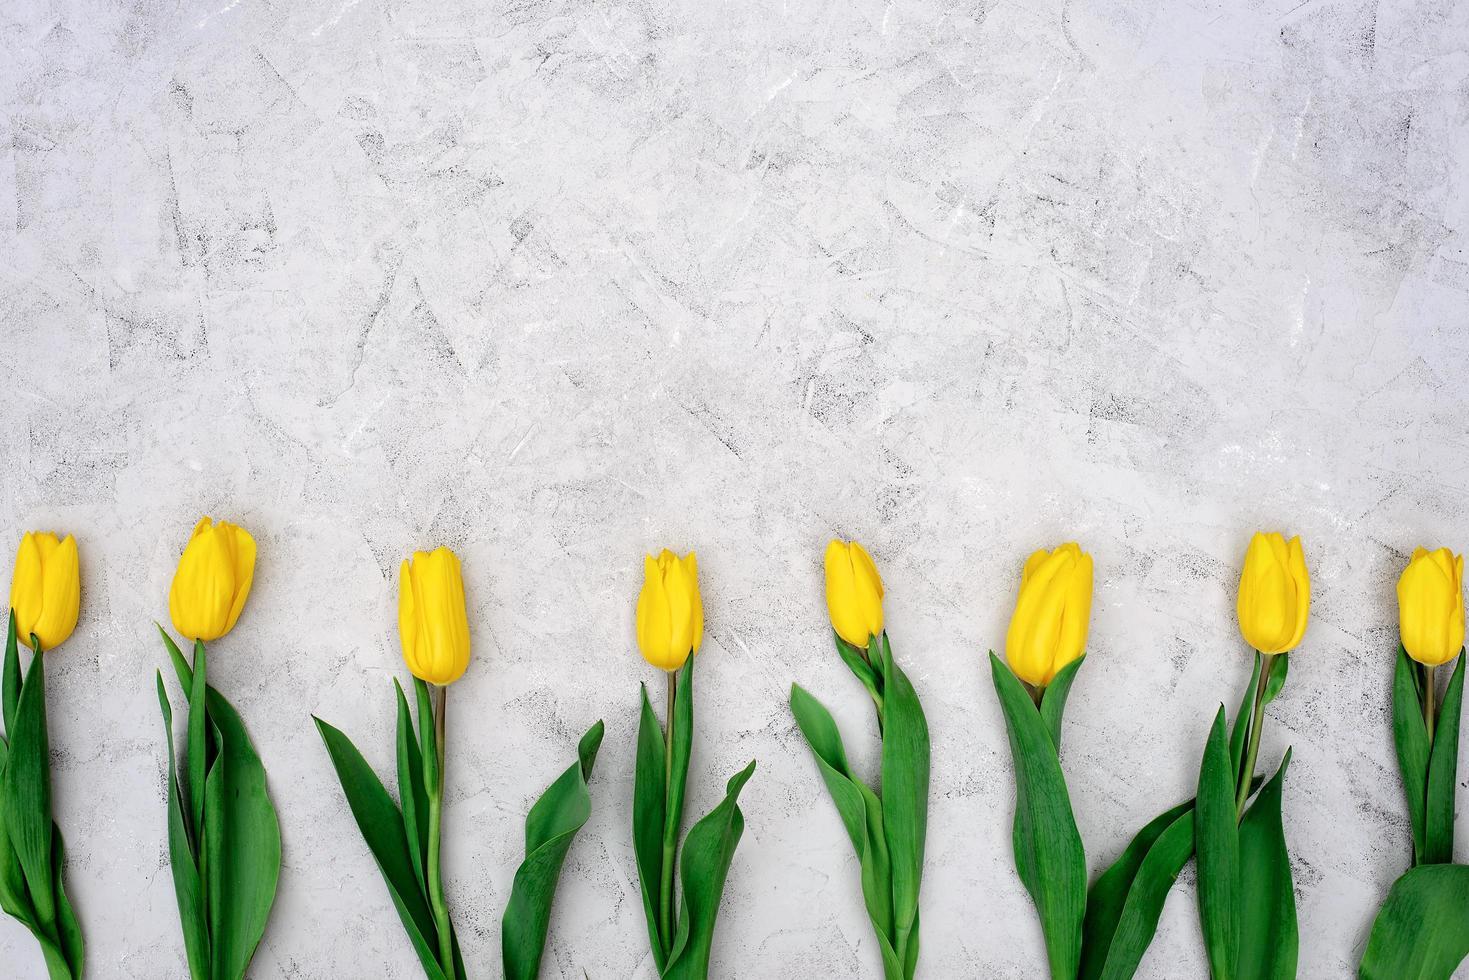 een rij gele lente tulp bloemen op een lichte stenen achtergrond. plat liggen. ruimte kopiëren. Moederdag. internationale Vrouwendag. foto